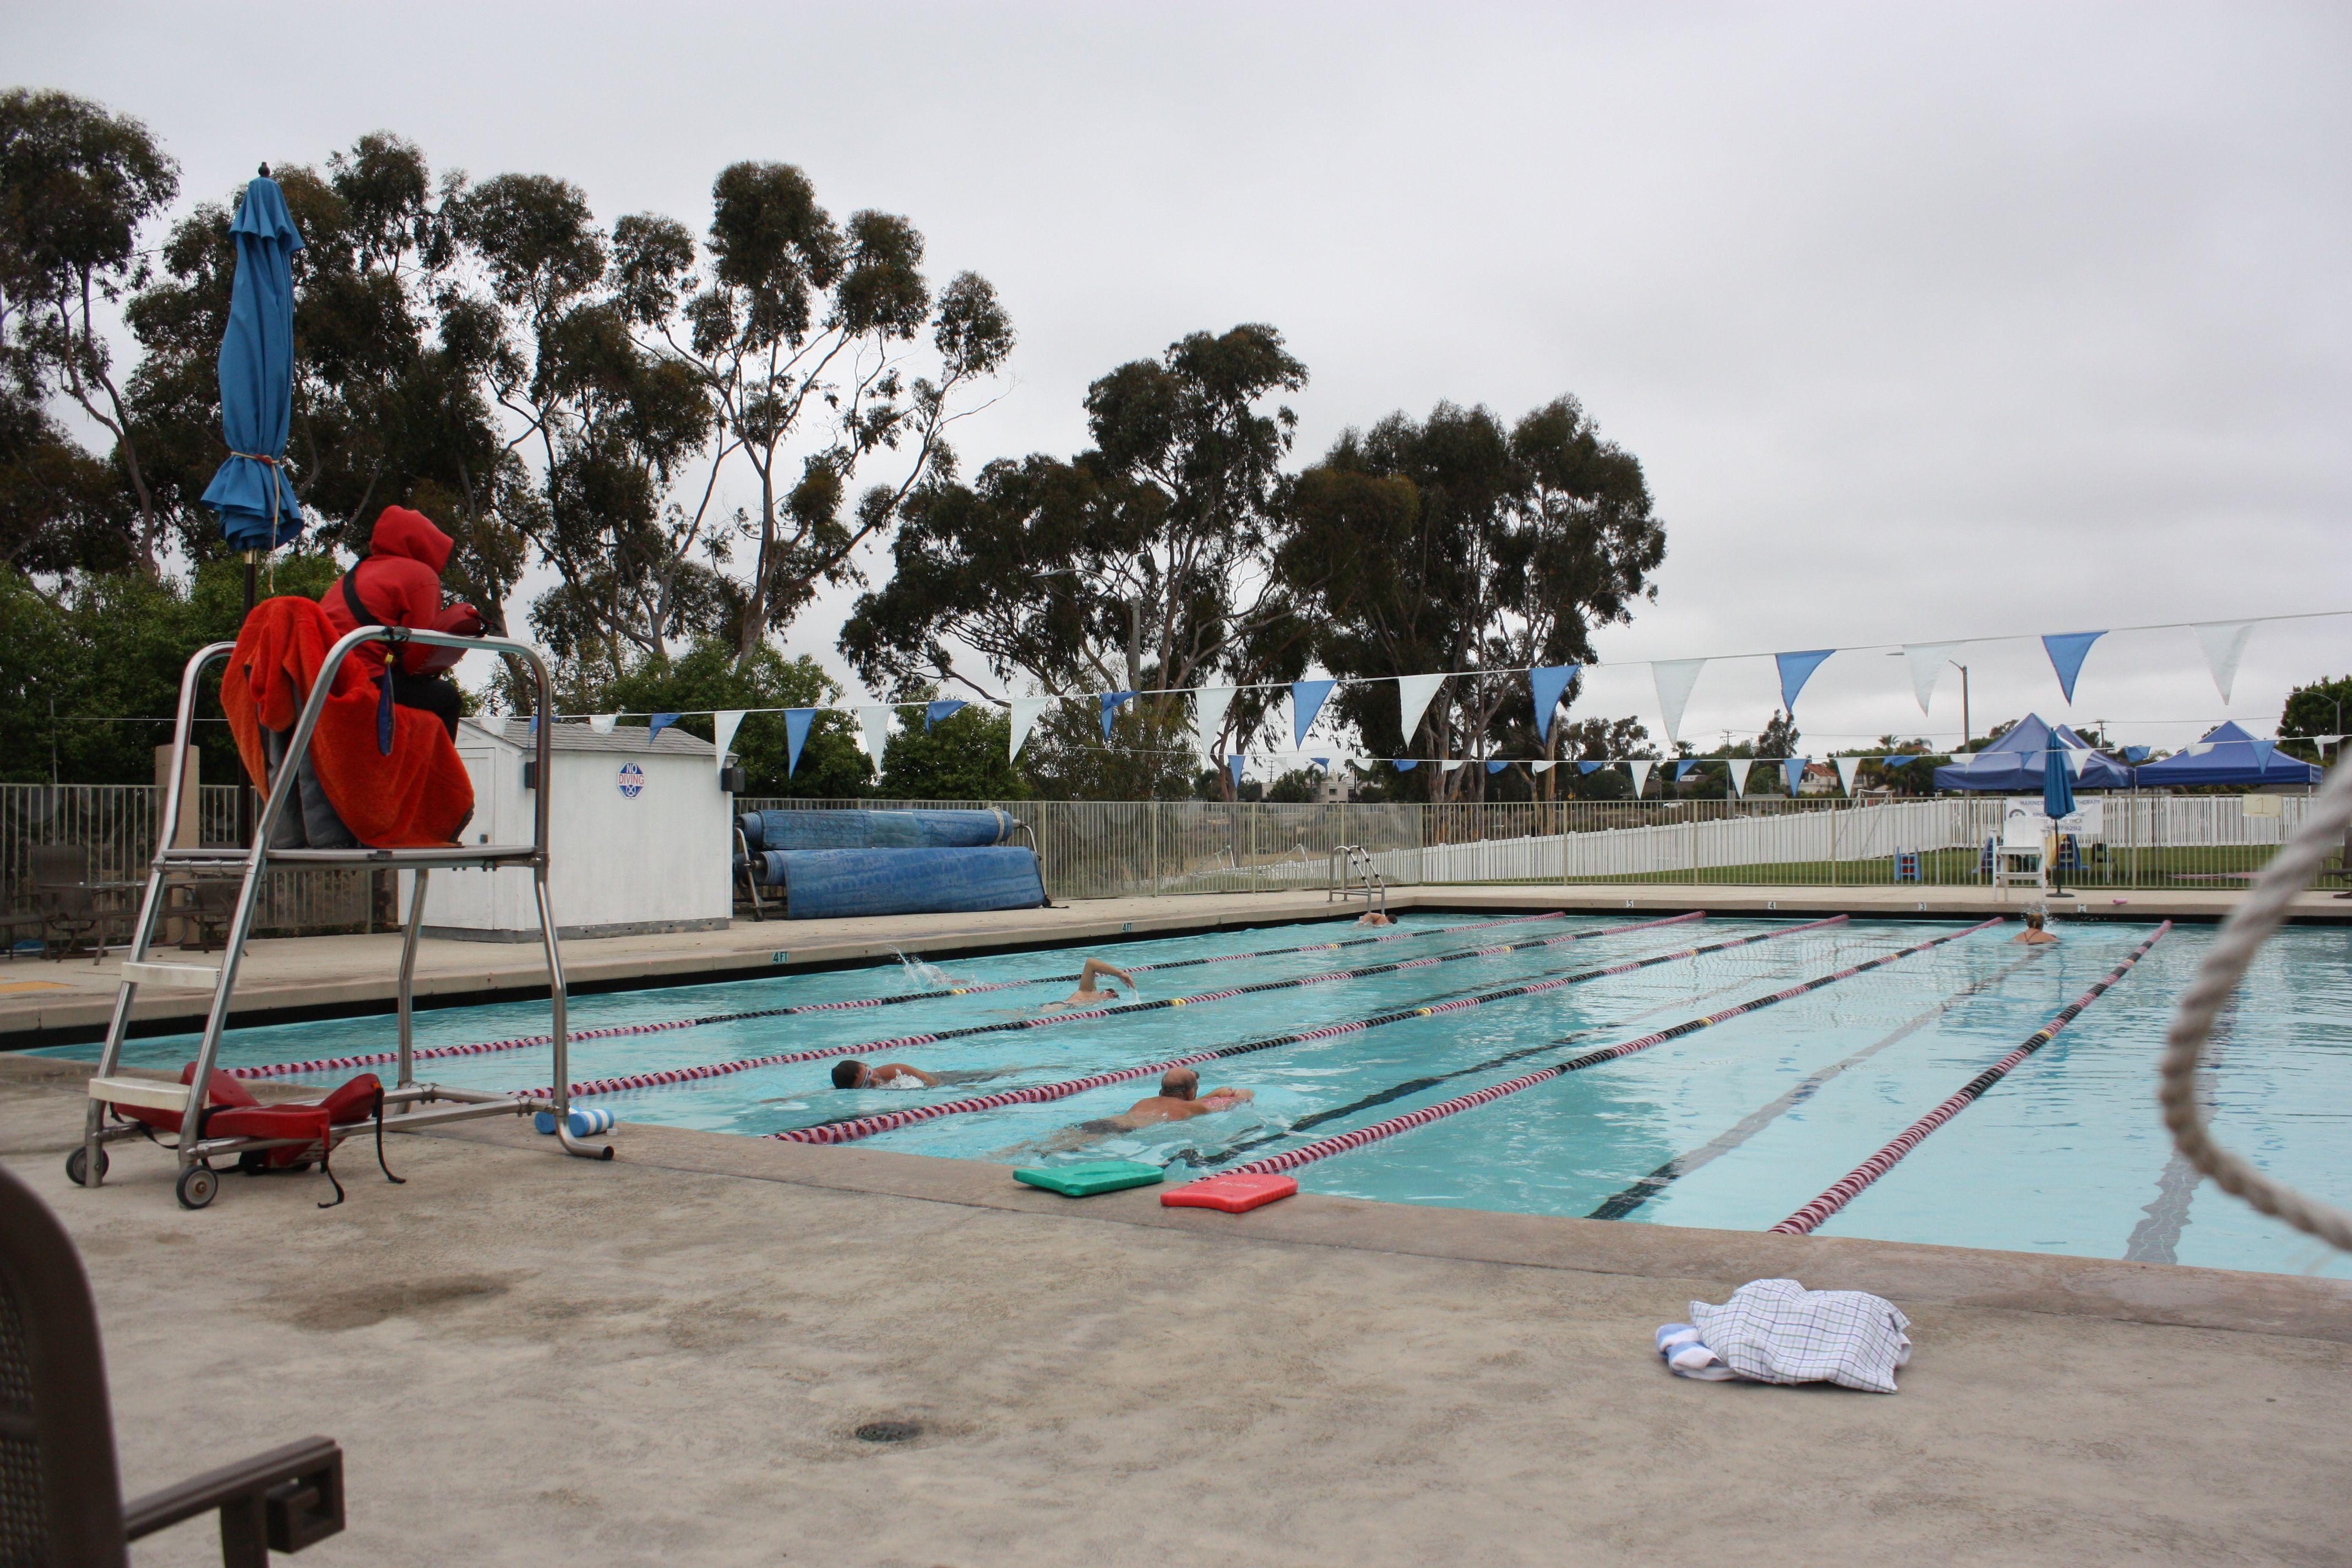 The Ymca Pool Ymca Pool Photo